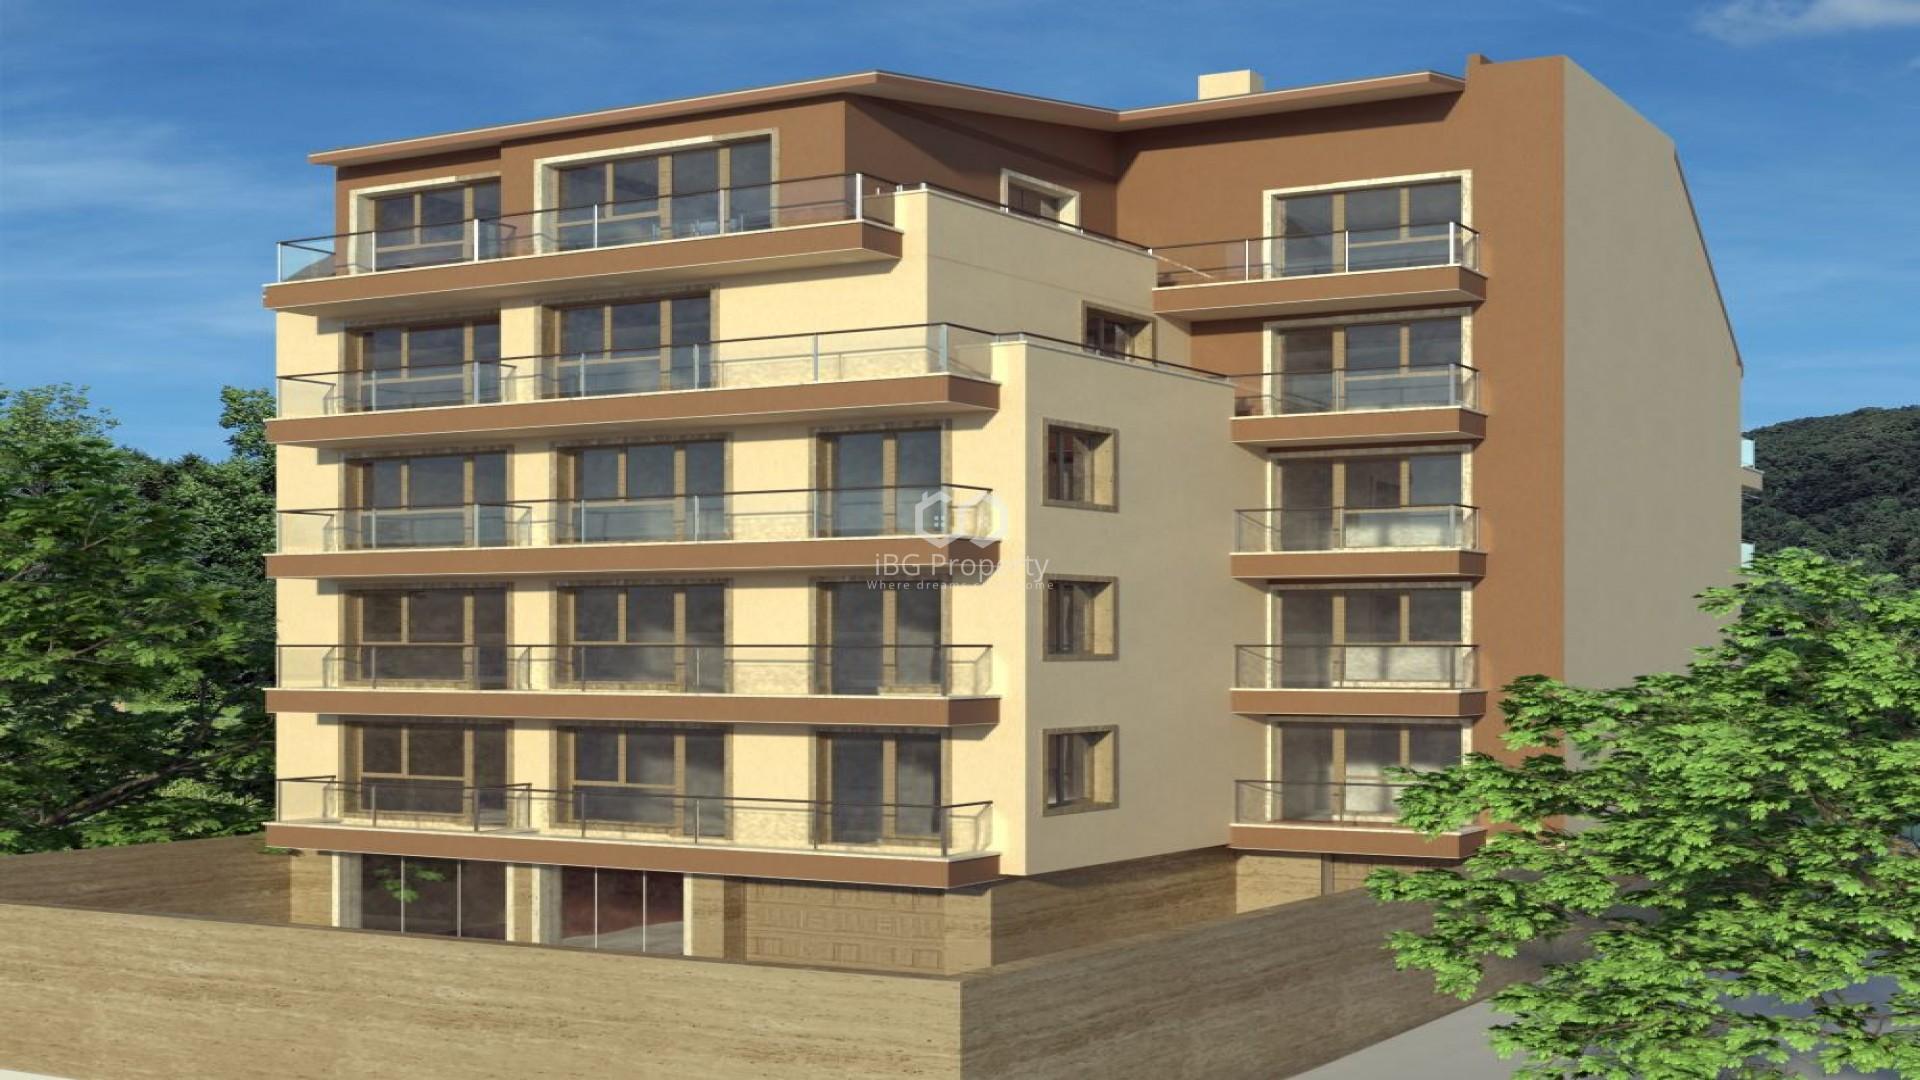 Однокомнатная квартира Колхозен пазар Варна 55,80 m2